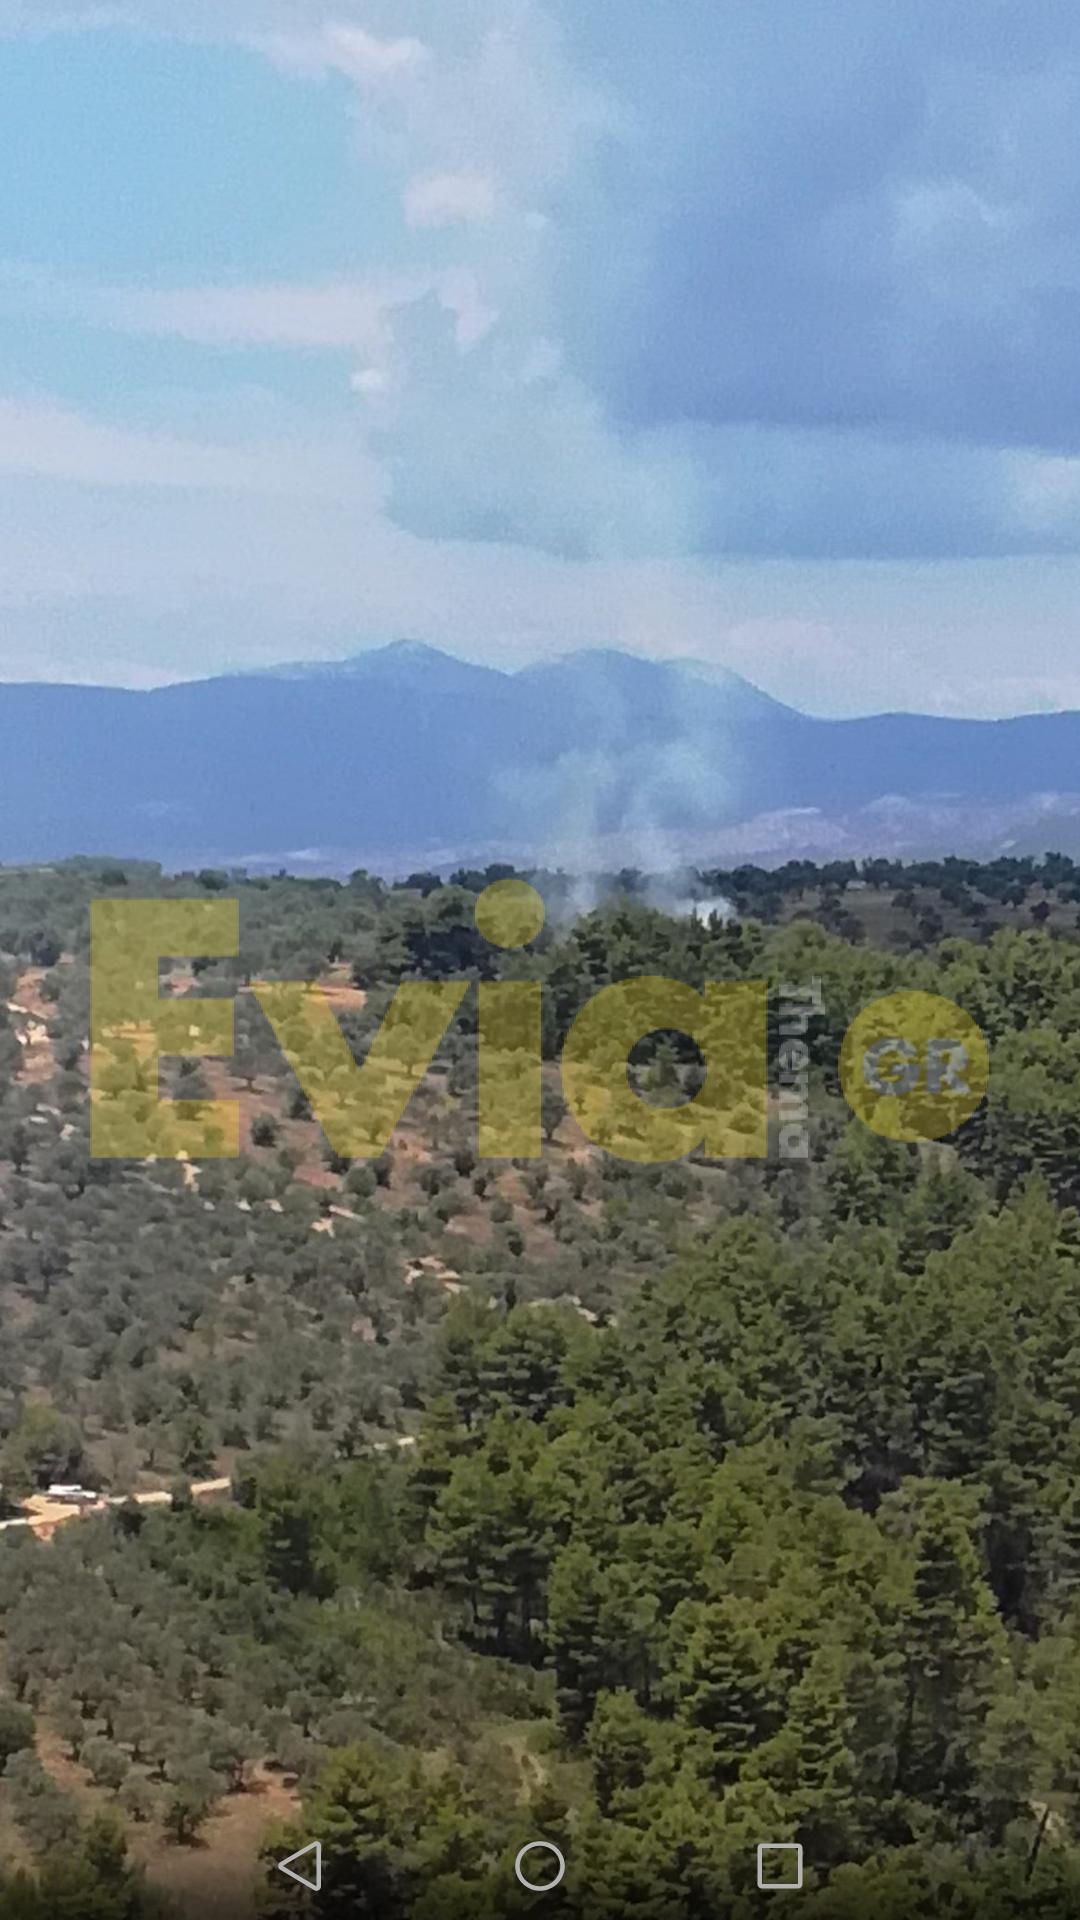 Αμφιθέα Ευβοίας: Νέα Πυρκαγιά, Αμφιθέα Ευβοίας: Νέα πυρκαγιά από κεραυνό, Eviathema.gr   Εύβοια Τοπ Νέα Ειδήσεις